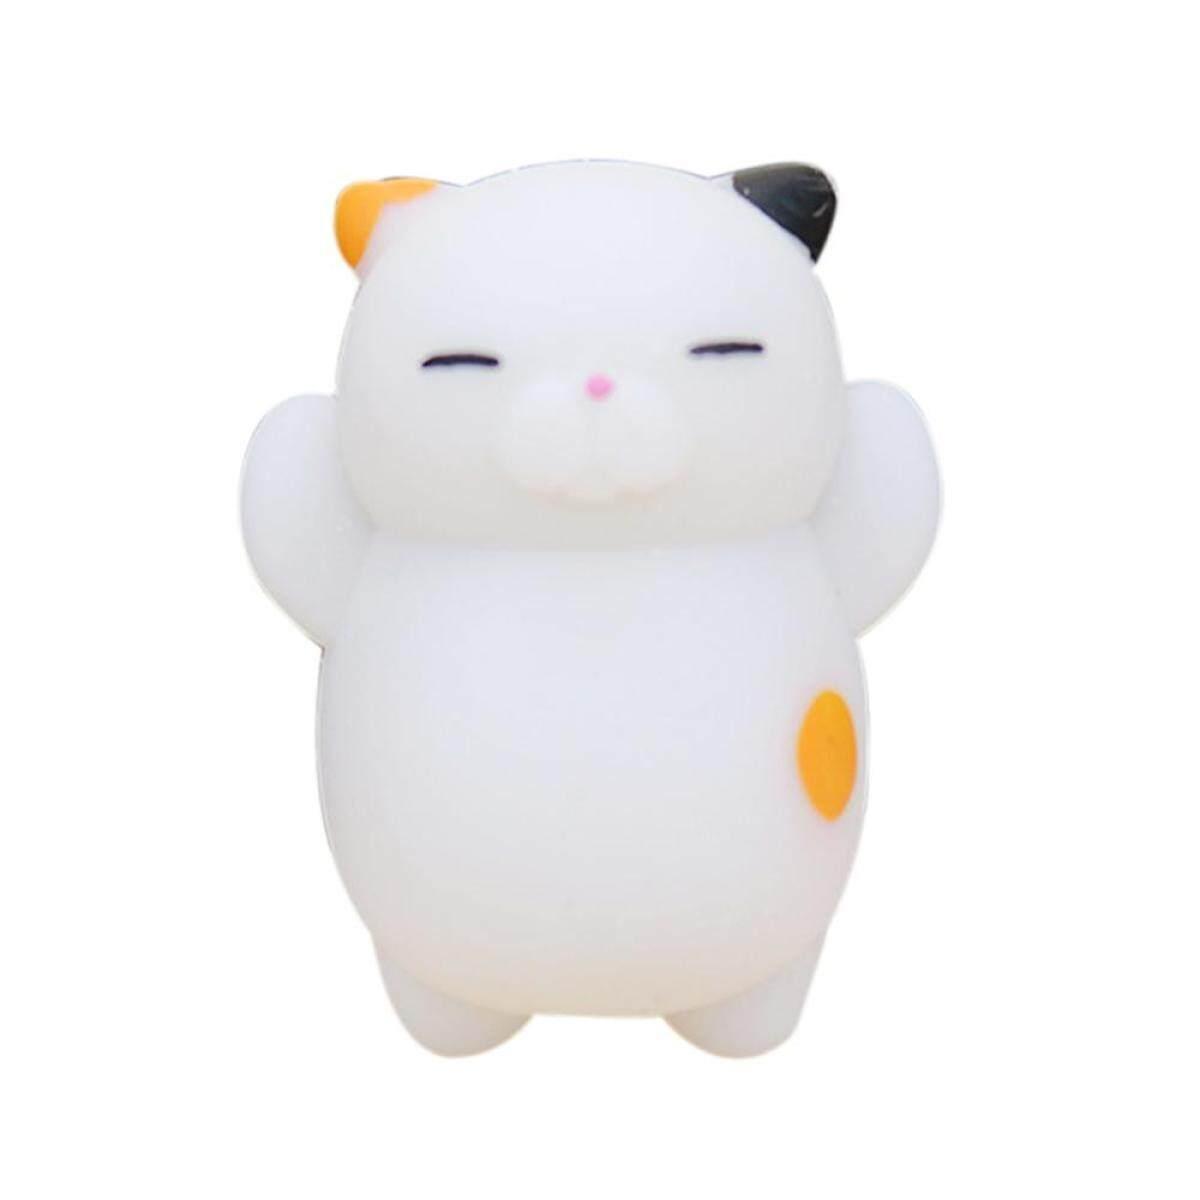 แมว Calico สีสันน่ารักน่ารักสัตว์มือข้อมือบีบ Fidget ของเล่น Squishy มินิความเครียดบีบบรรเทาตุ๊กตาชะลอตัวลูกบอลบีบเพื่อสุขภาพสีขาว By Hfqogjk.